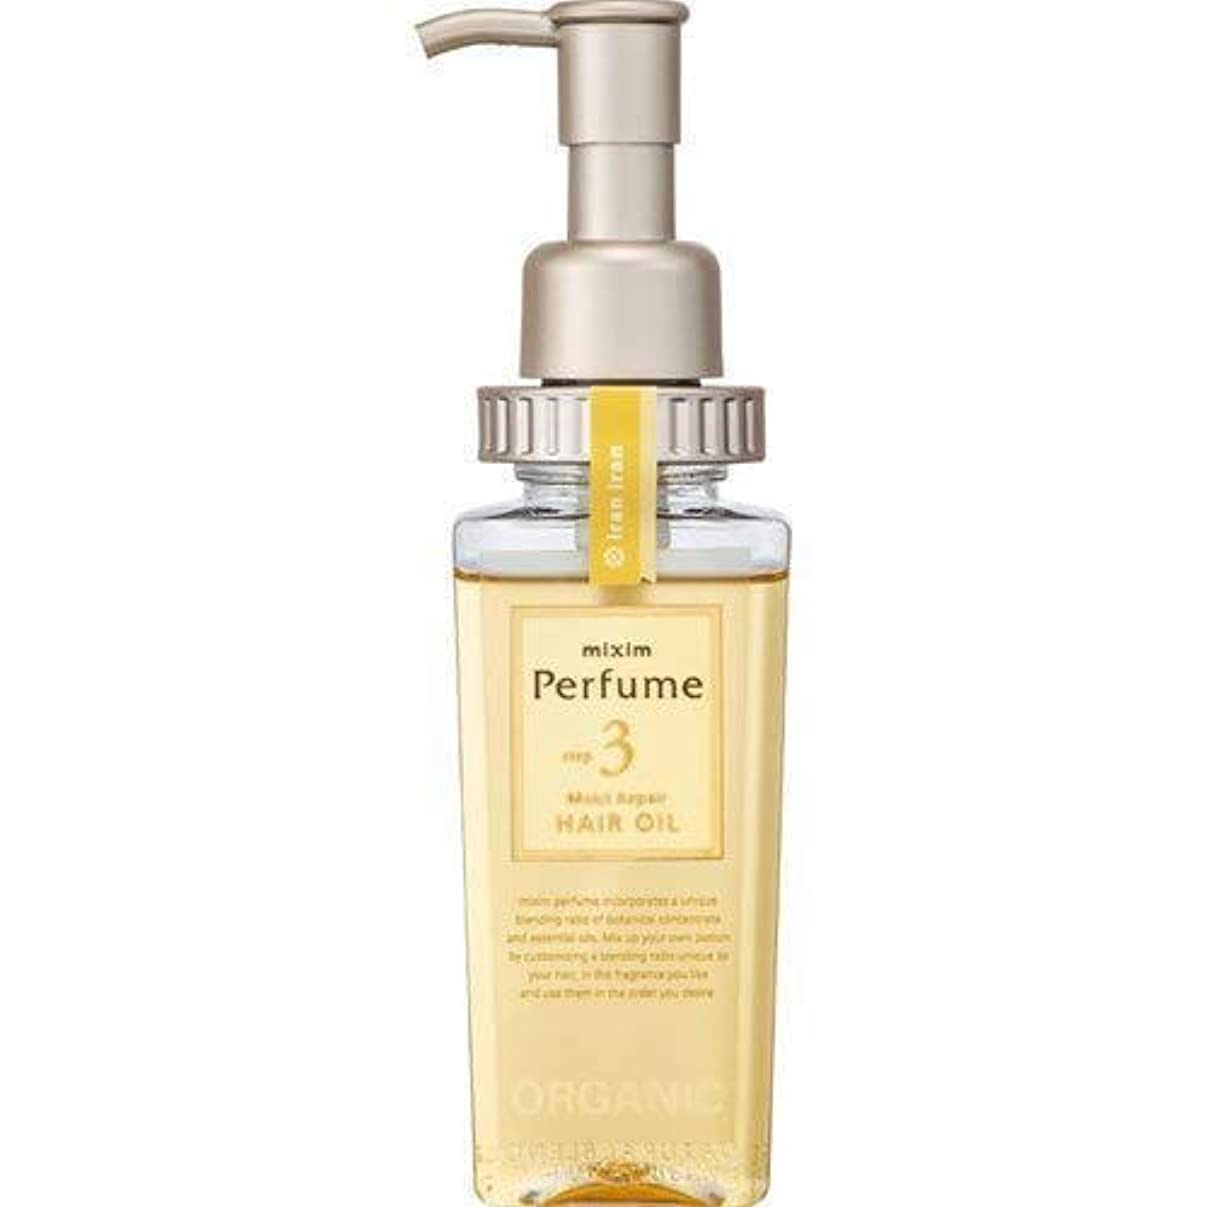 知的監査プログレッシブmixim Perfume(ミクシムパフューム) モイストリペア ヘアオイル 100mL